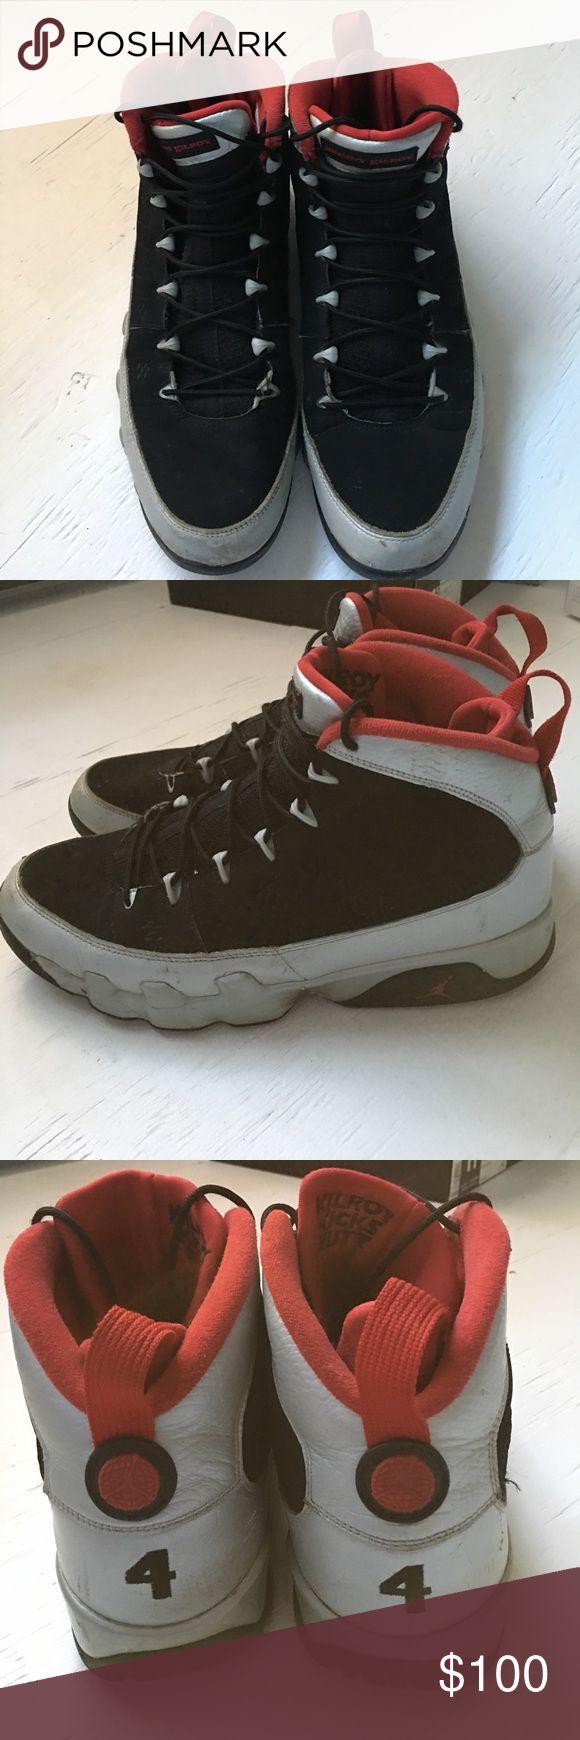 Men's Kilroy Retro Jordan sneakers. Men's Retro  9 Jordan Sneakers. One foot size 11 one foot 11.5 black, silver and red. Worn with creasing Air Jordan Shoes Sneakers